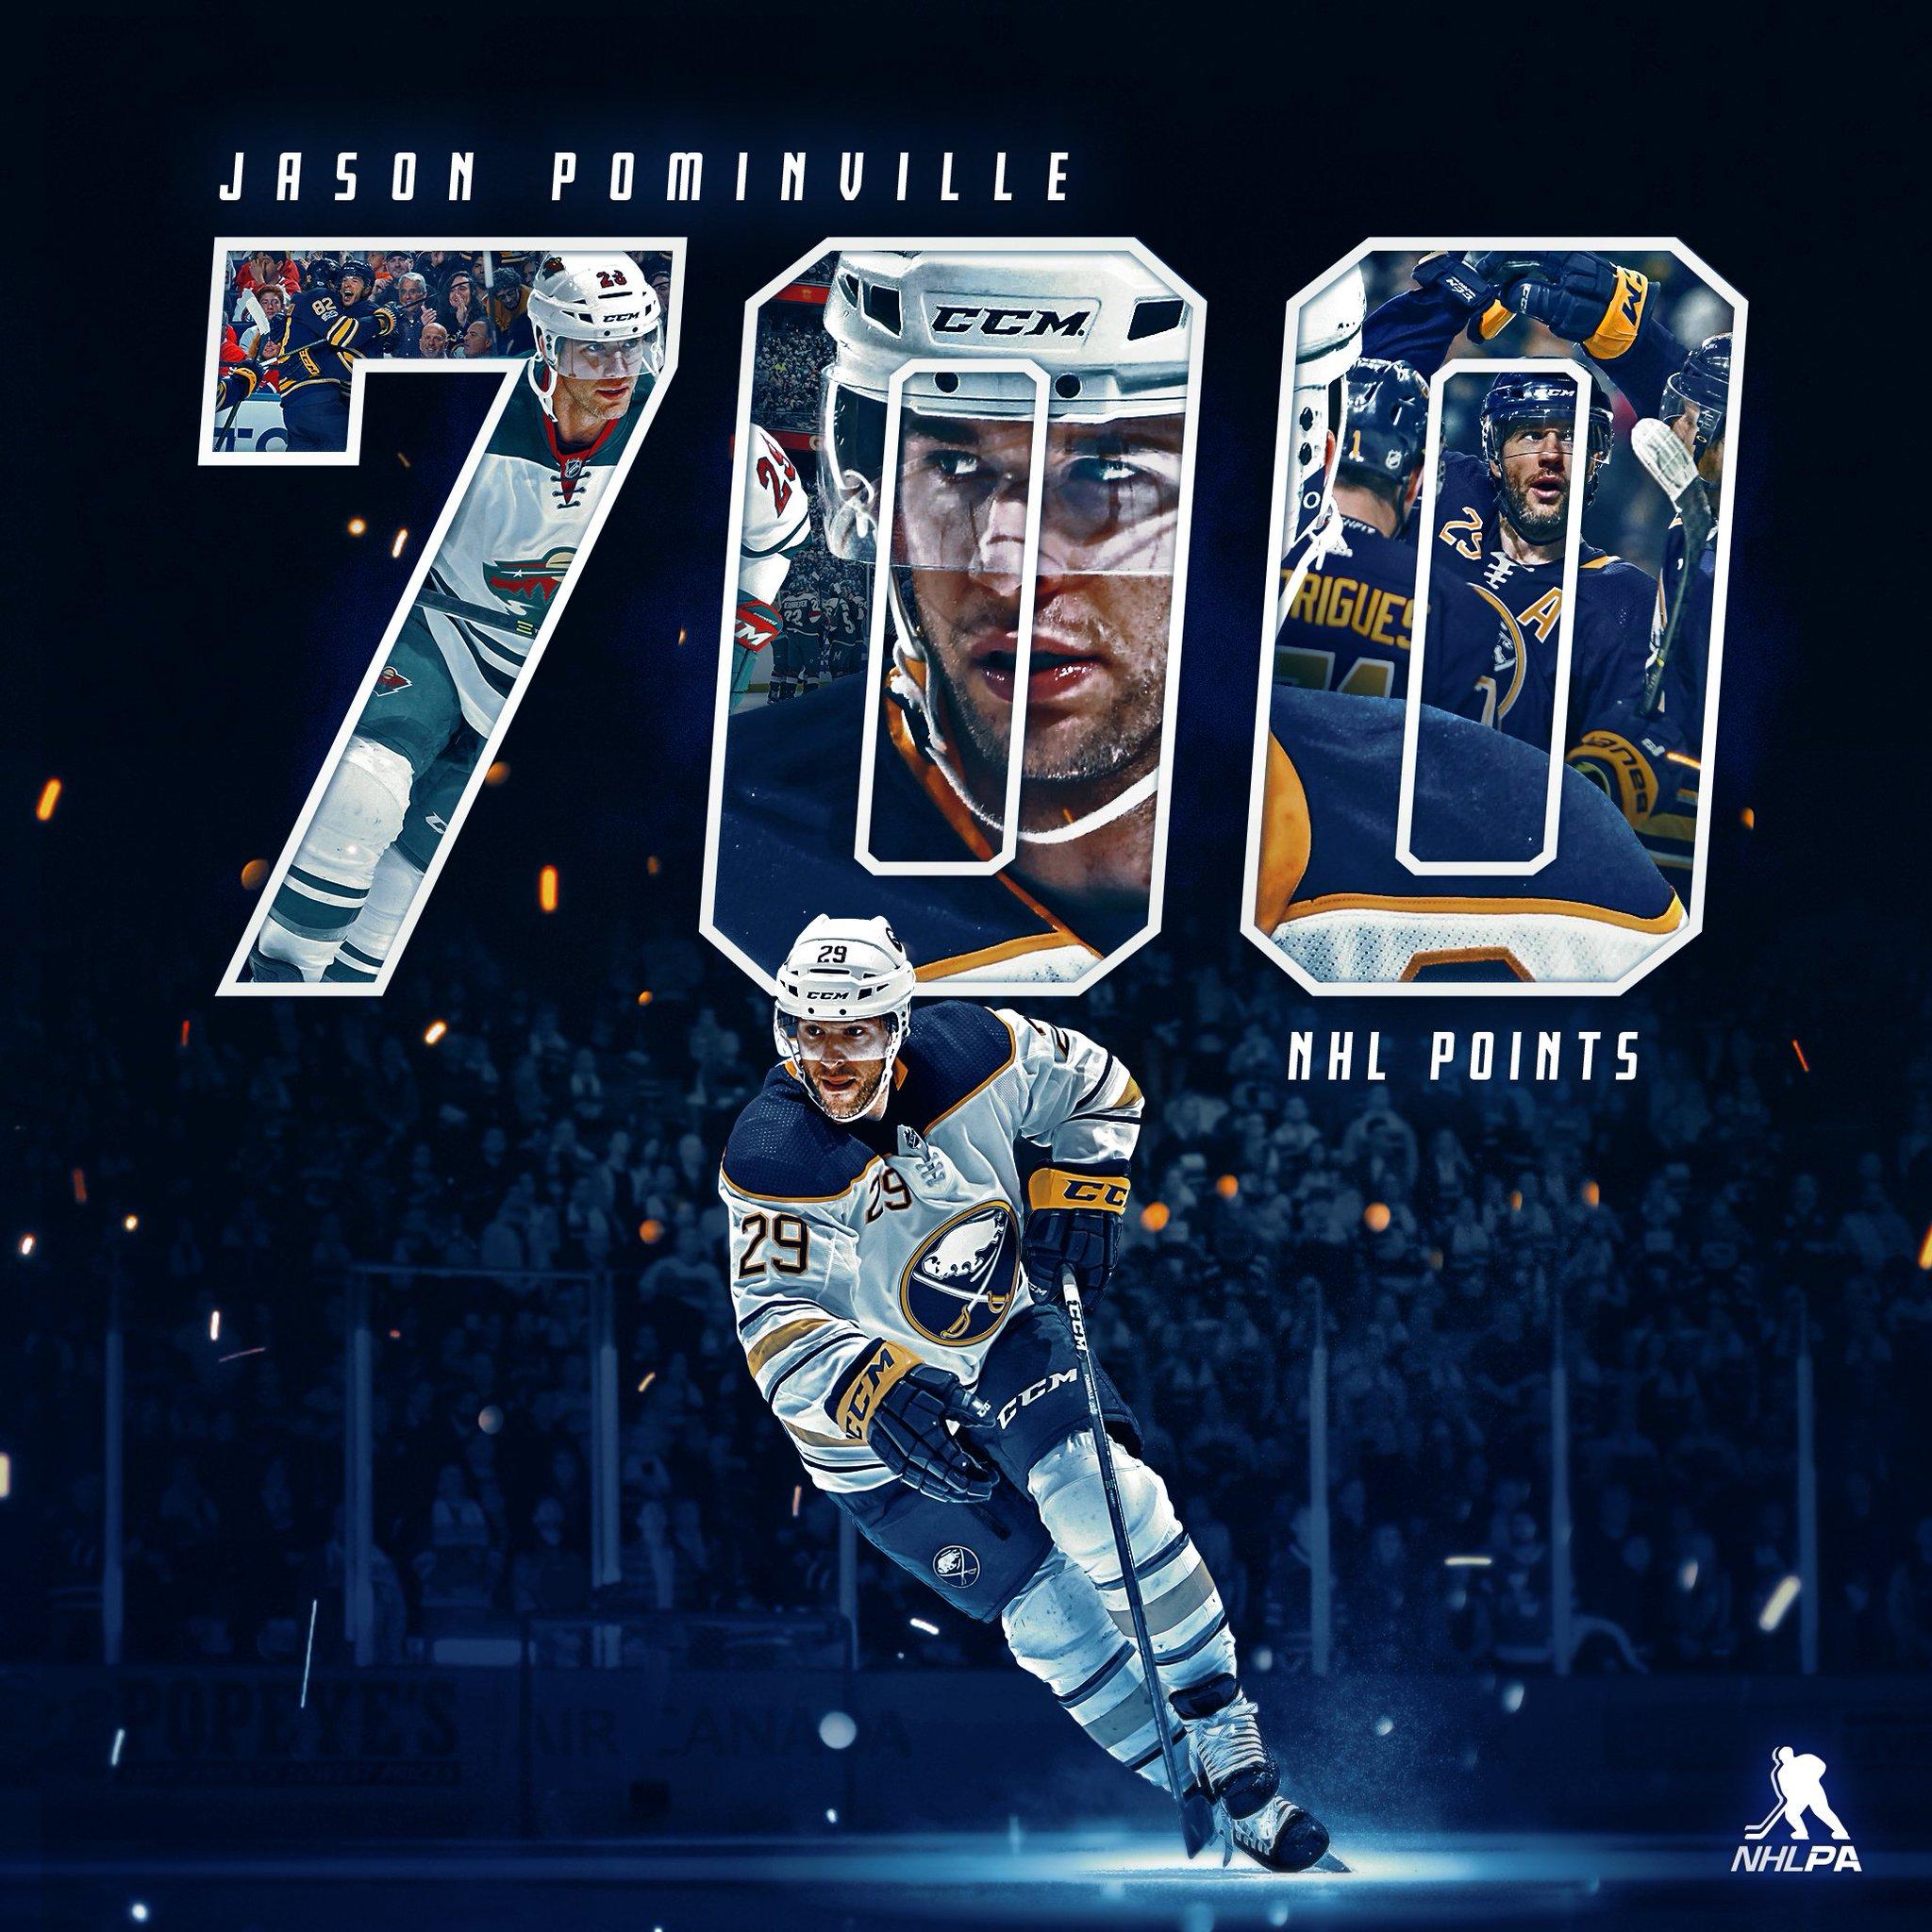 Jason Pominville: scorer of 700 NHL points. https://t.co/JZstRKBfQ8